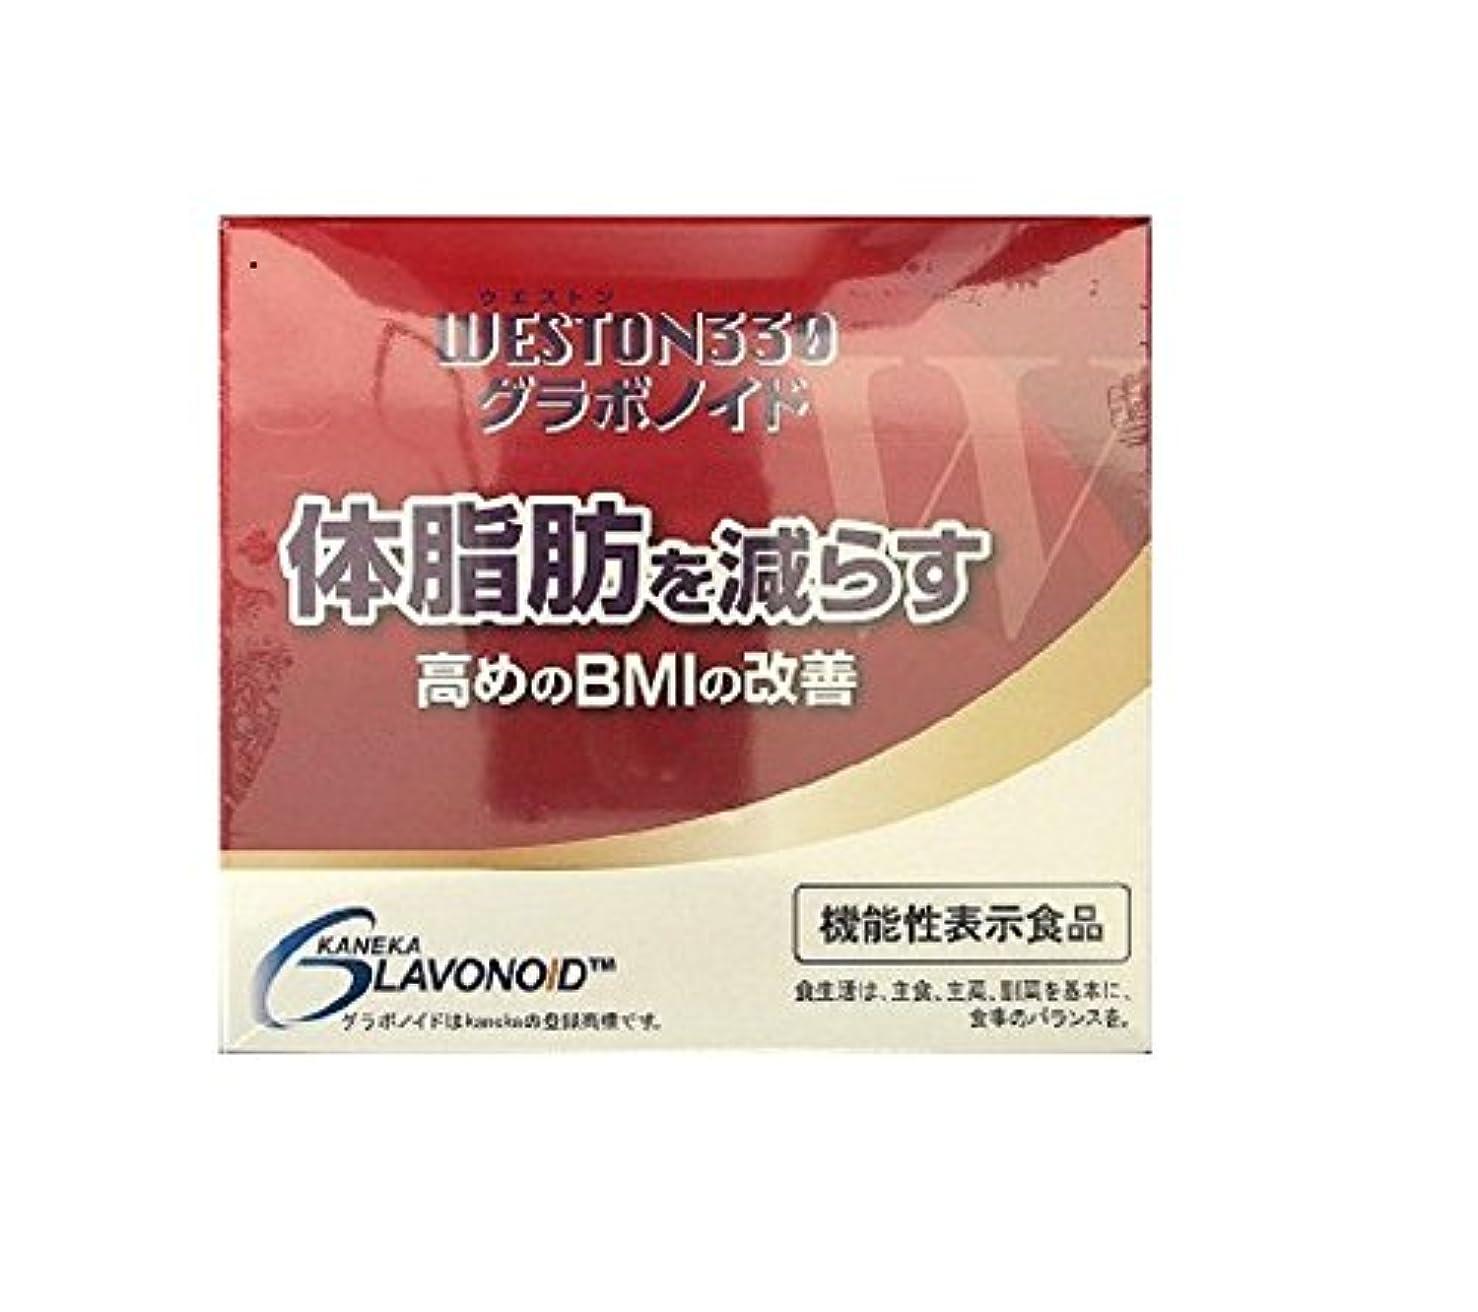 死にかけているフライカイト祭司リマックスジャパン WESTON330 グラボノイド 60粒 (30日分) [機能性表示食品]